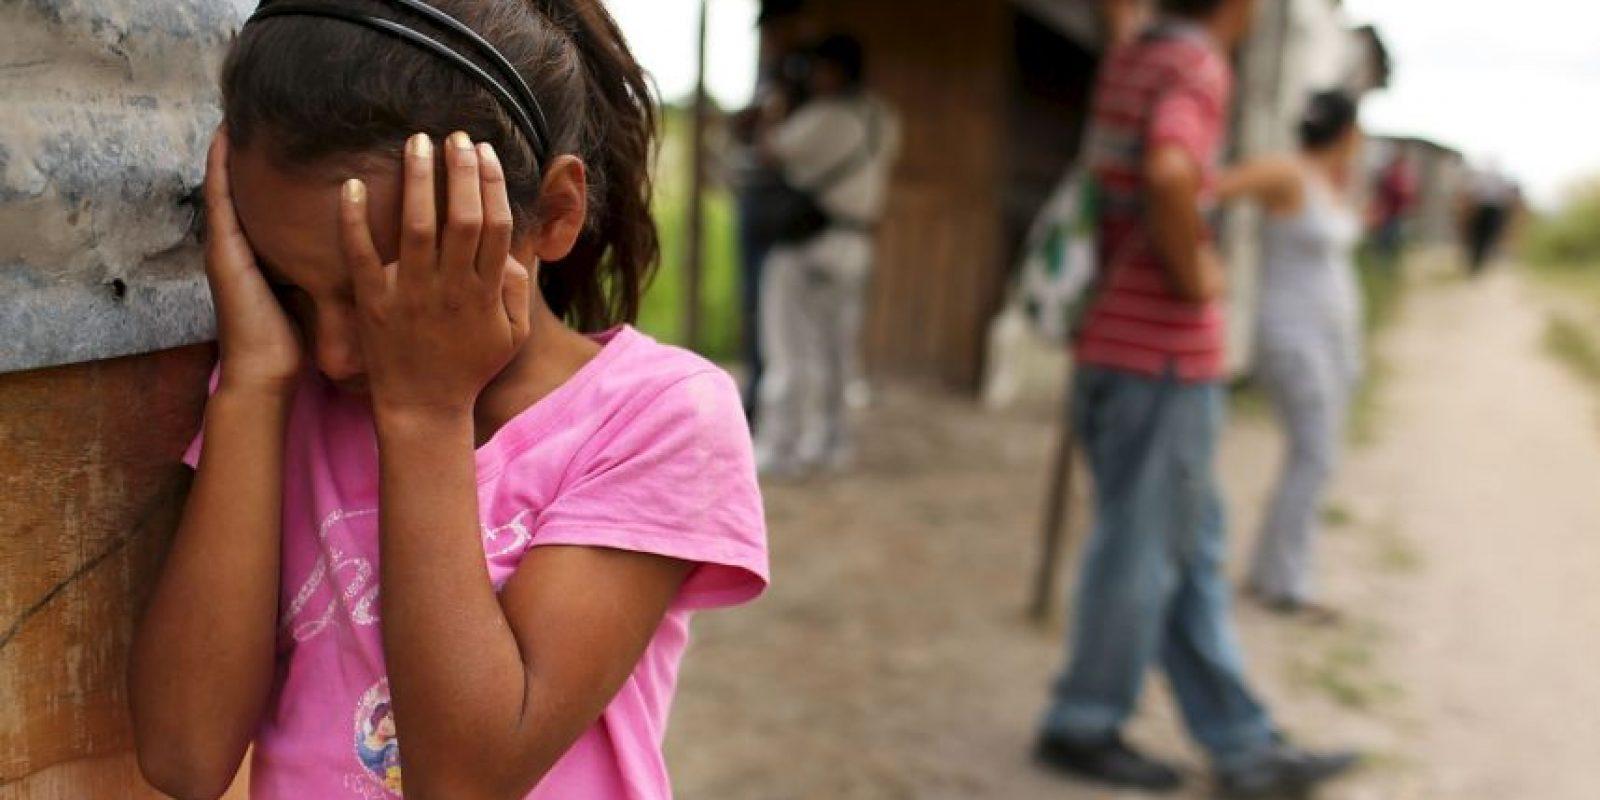 Esta cifra subestima la verdadera magnitud del problema, dado que una importante proporción de las muertes debidas al maltrato infantil se atribuyen erróneamente a caídas, quemaduras, ahogamientos y otras causas. Foto:vía Getty Images